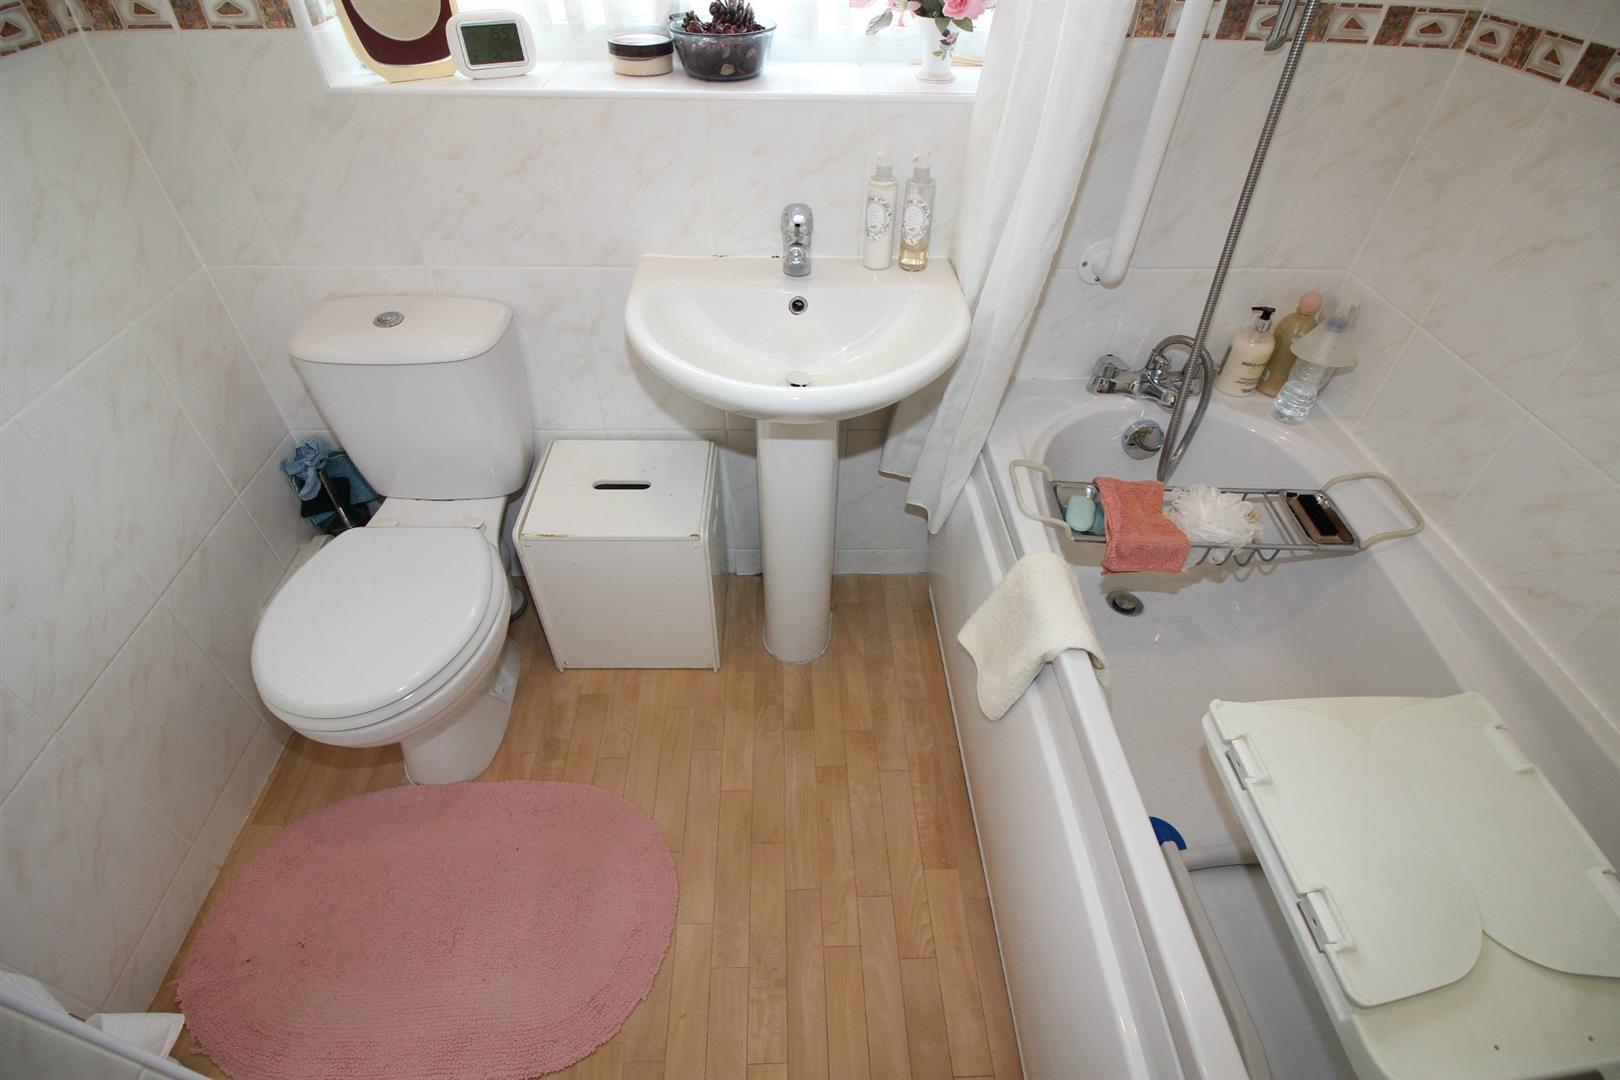 Cheshunt station toilets